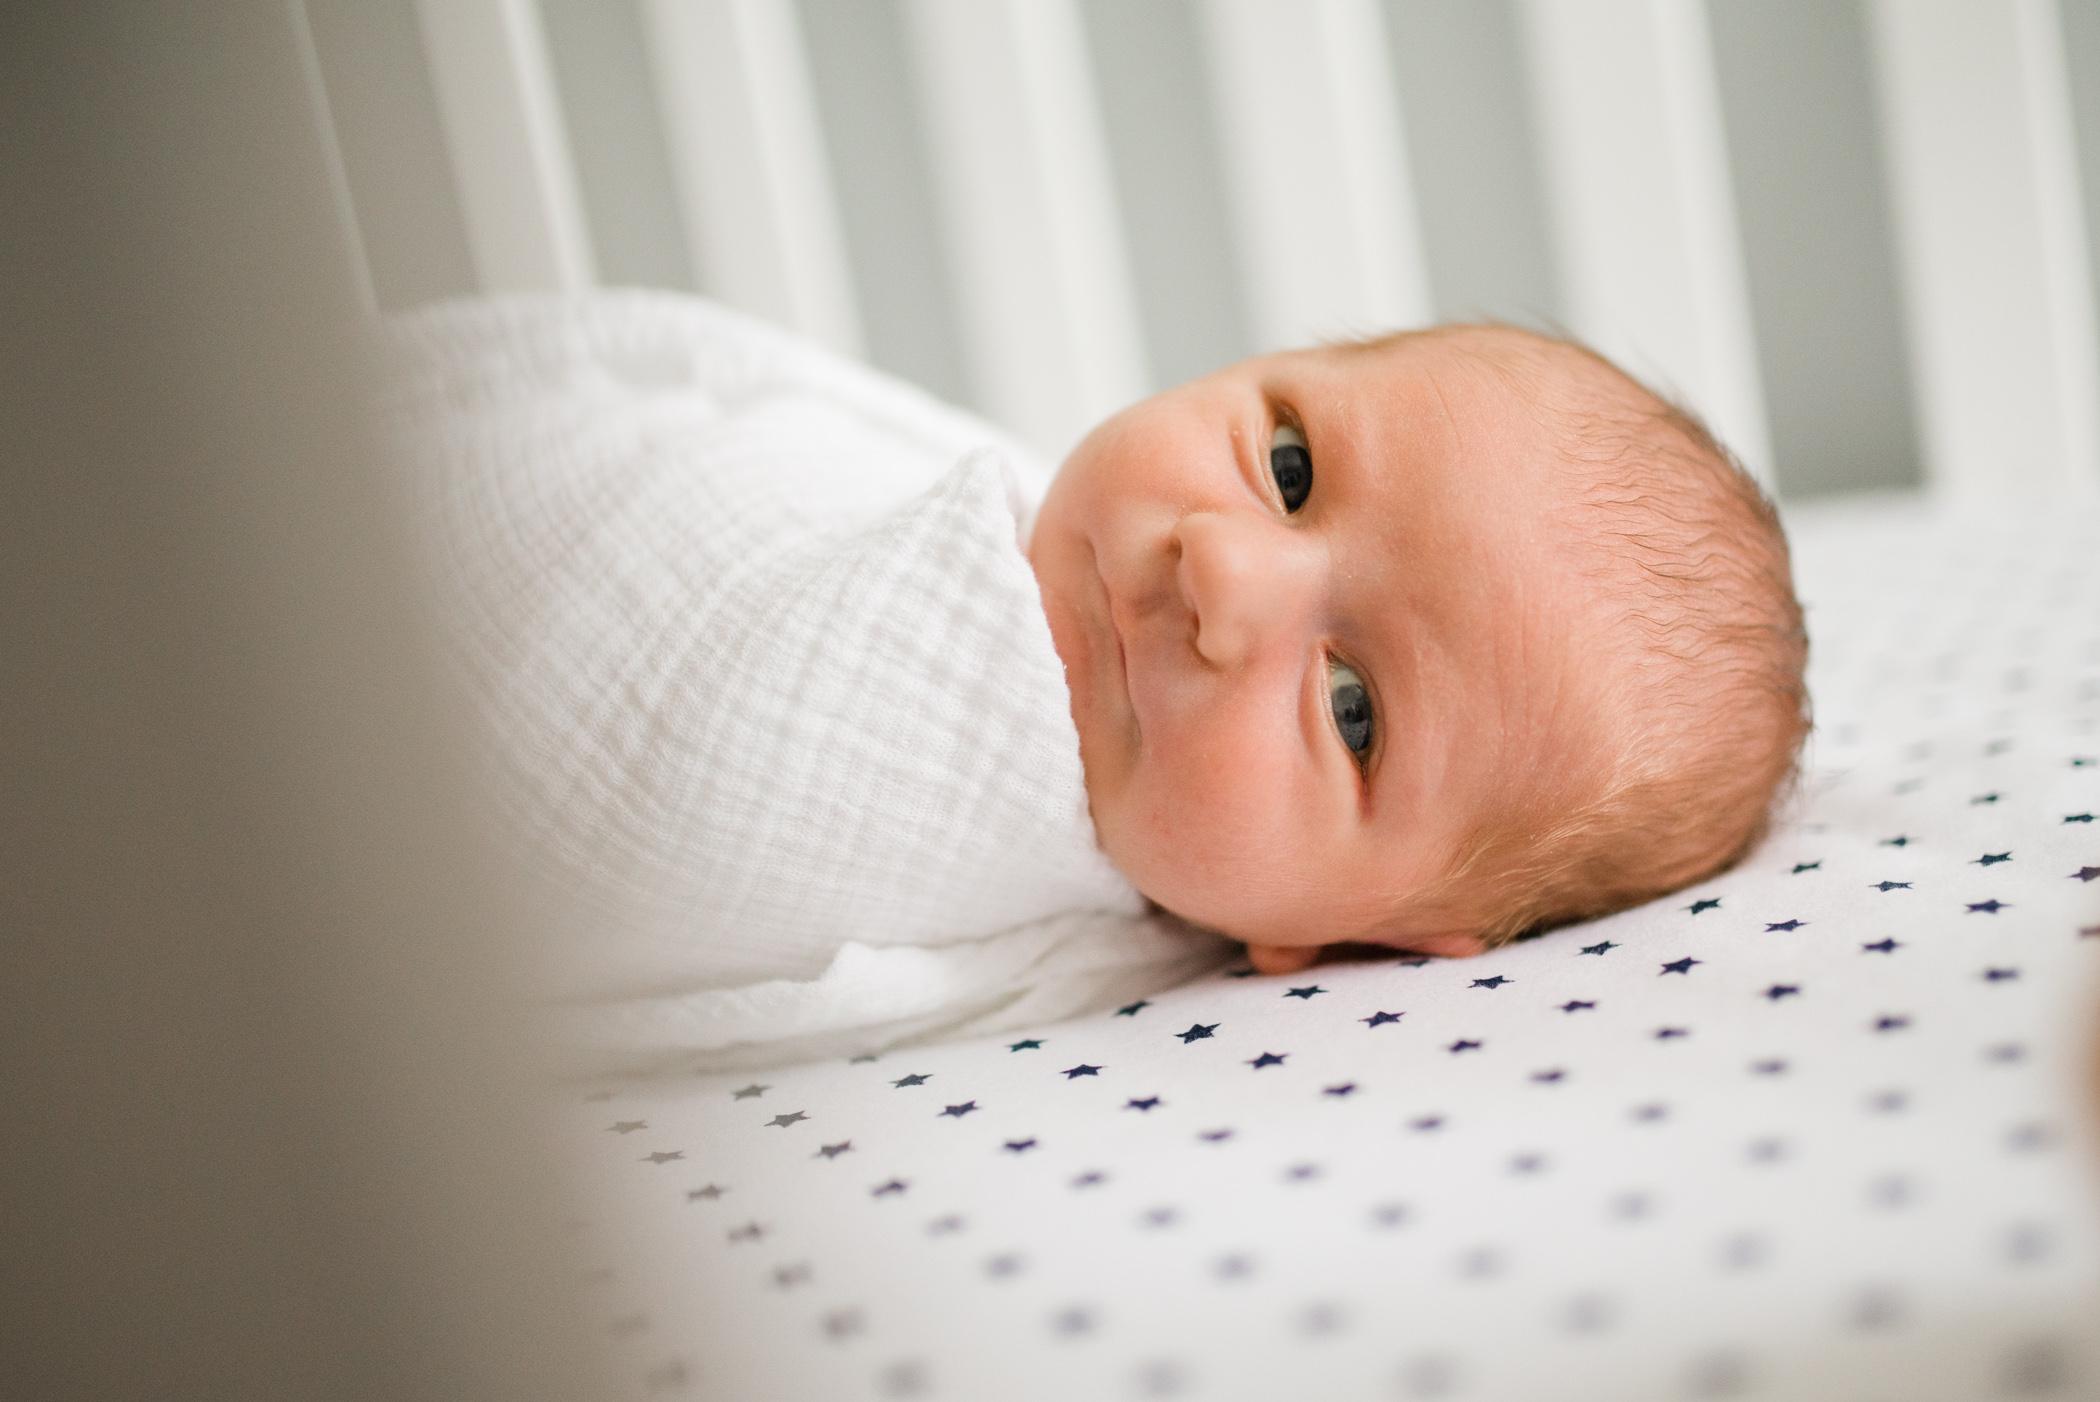 prorock_newborn-5471.jpg